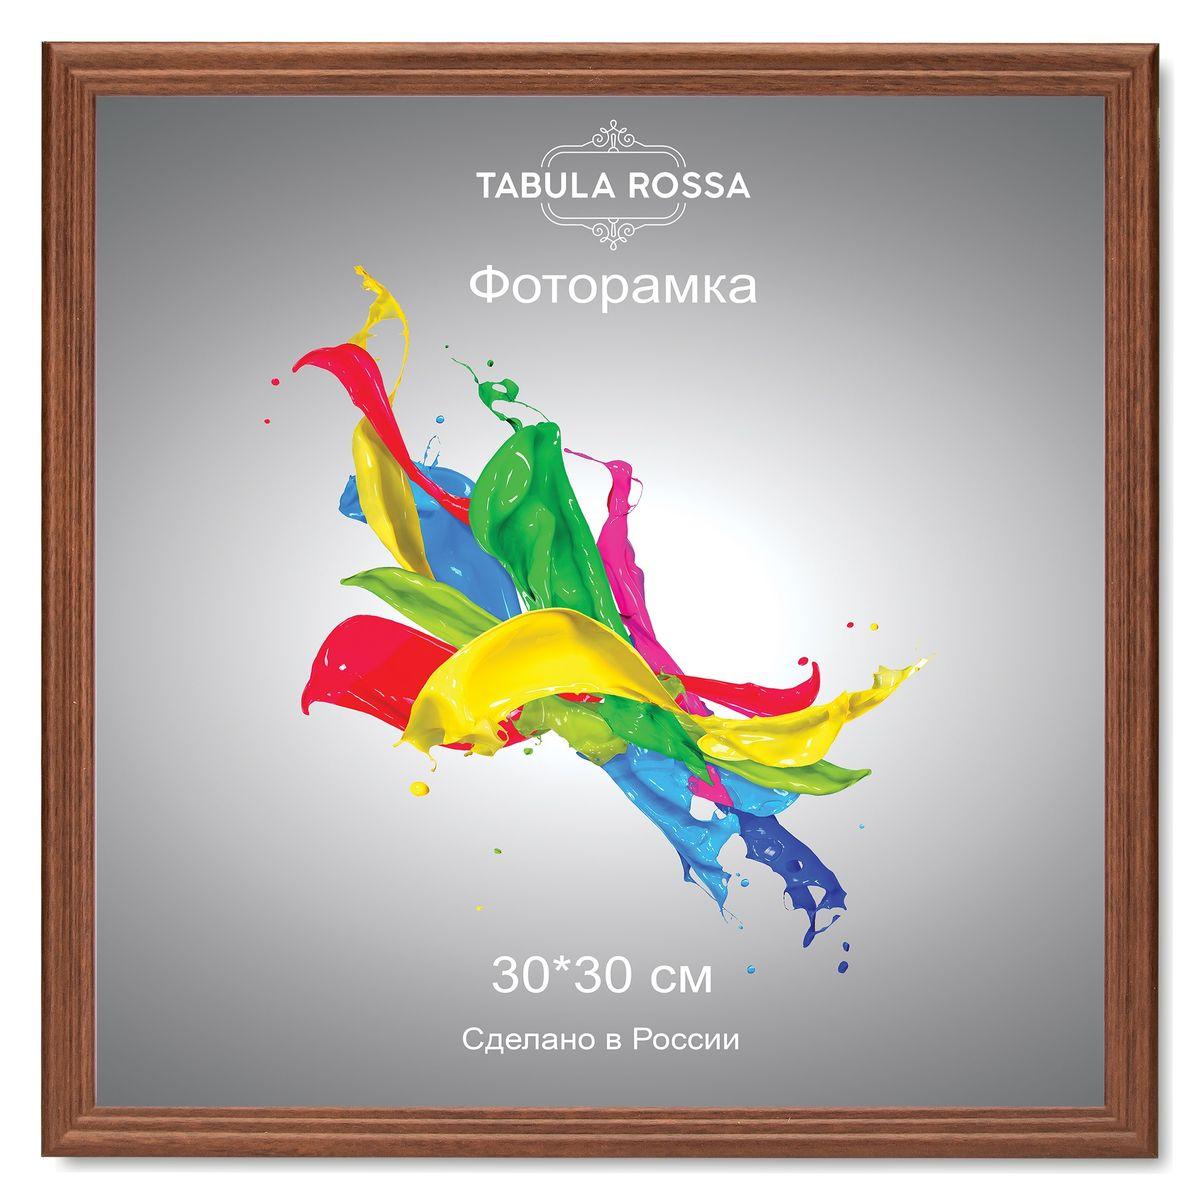 """Фото Фоторамка """"Tabula Rossa"""", цвет: орех, 30 х 30 см. ТР 5141"""